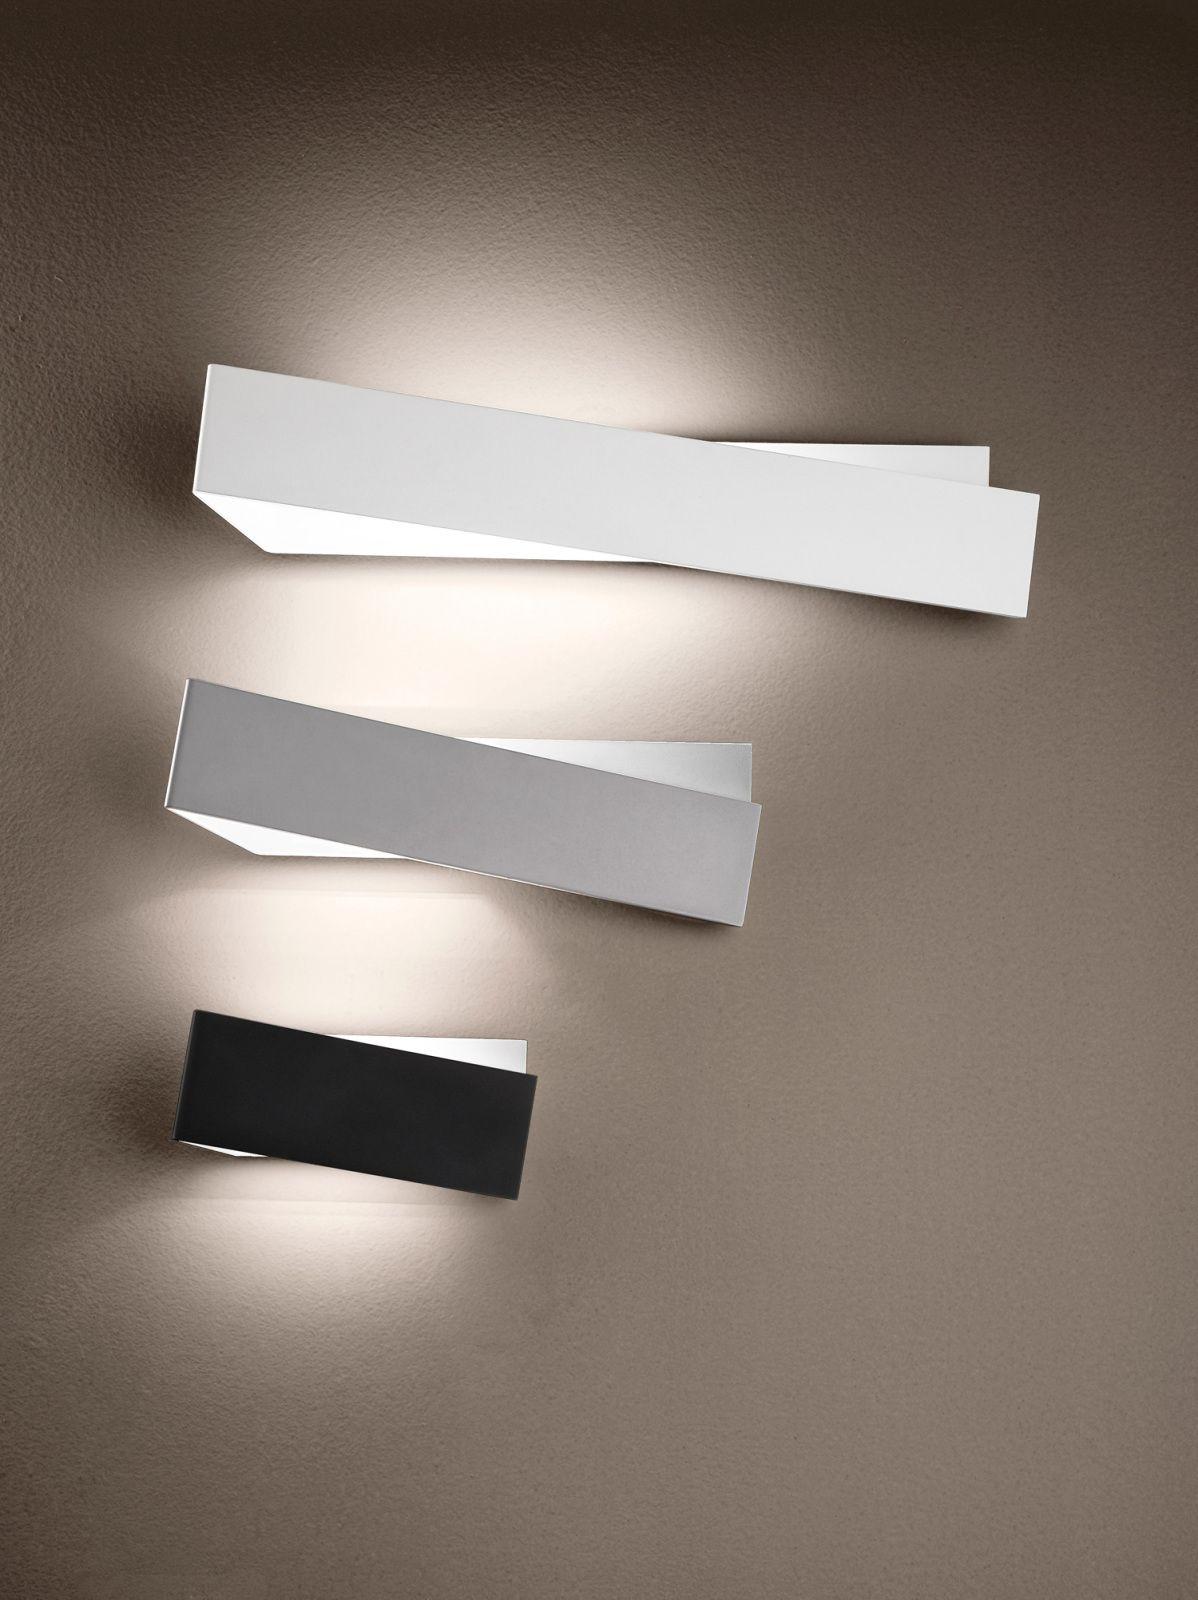 Instabili linee oblique per questa particolare lampada da parete ...